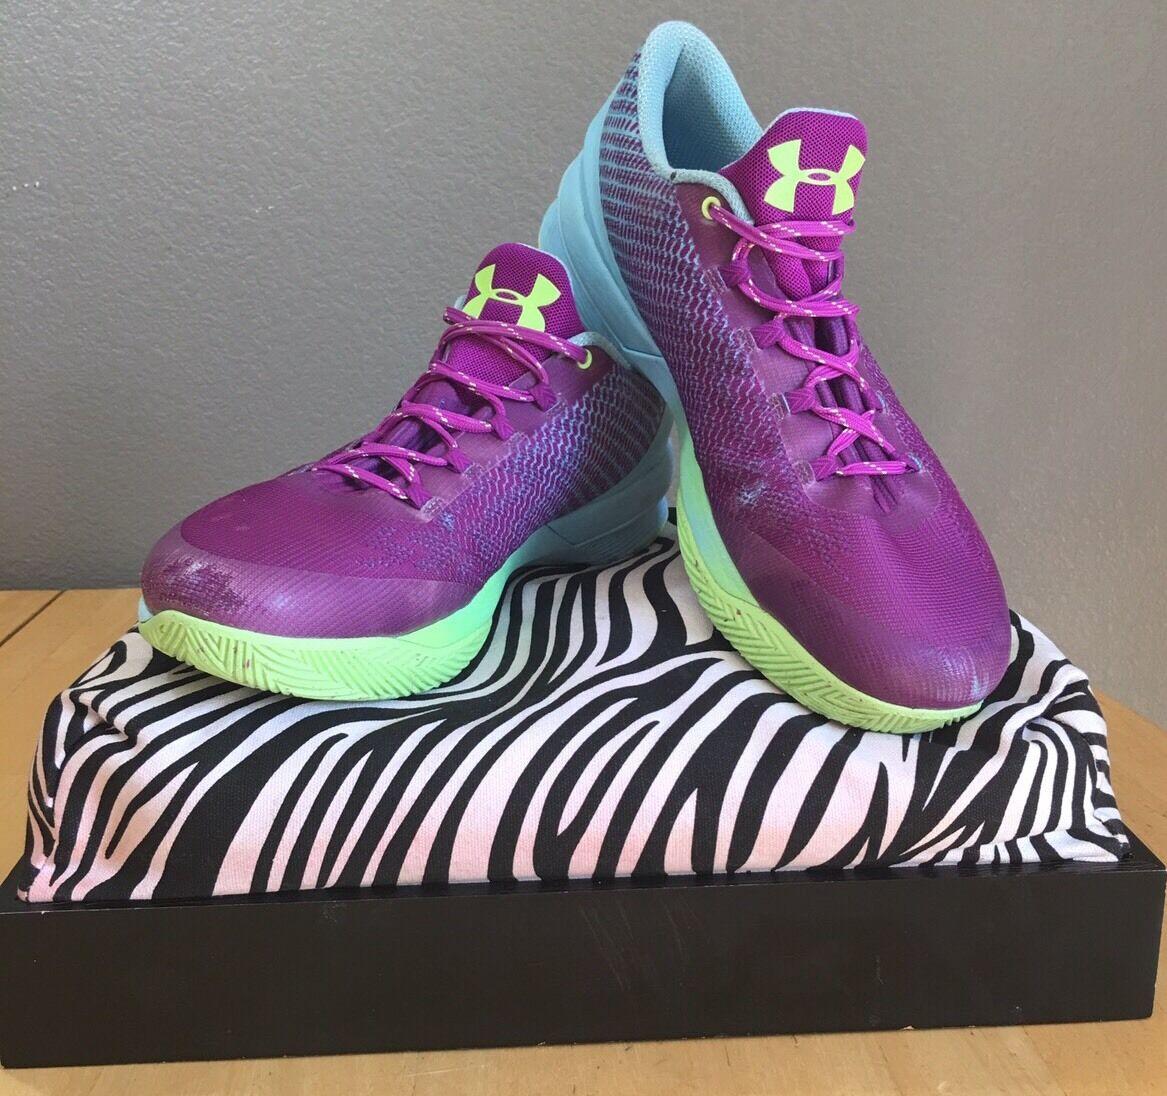 Men's Under Armor Purple & Teal Basketball Shoe Sneakers Size 12.5 U.K. 11.5